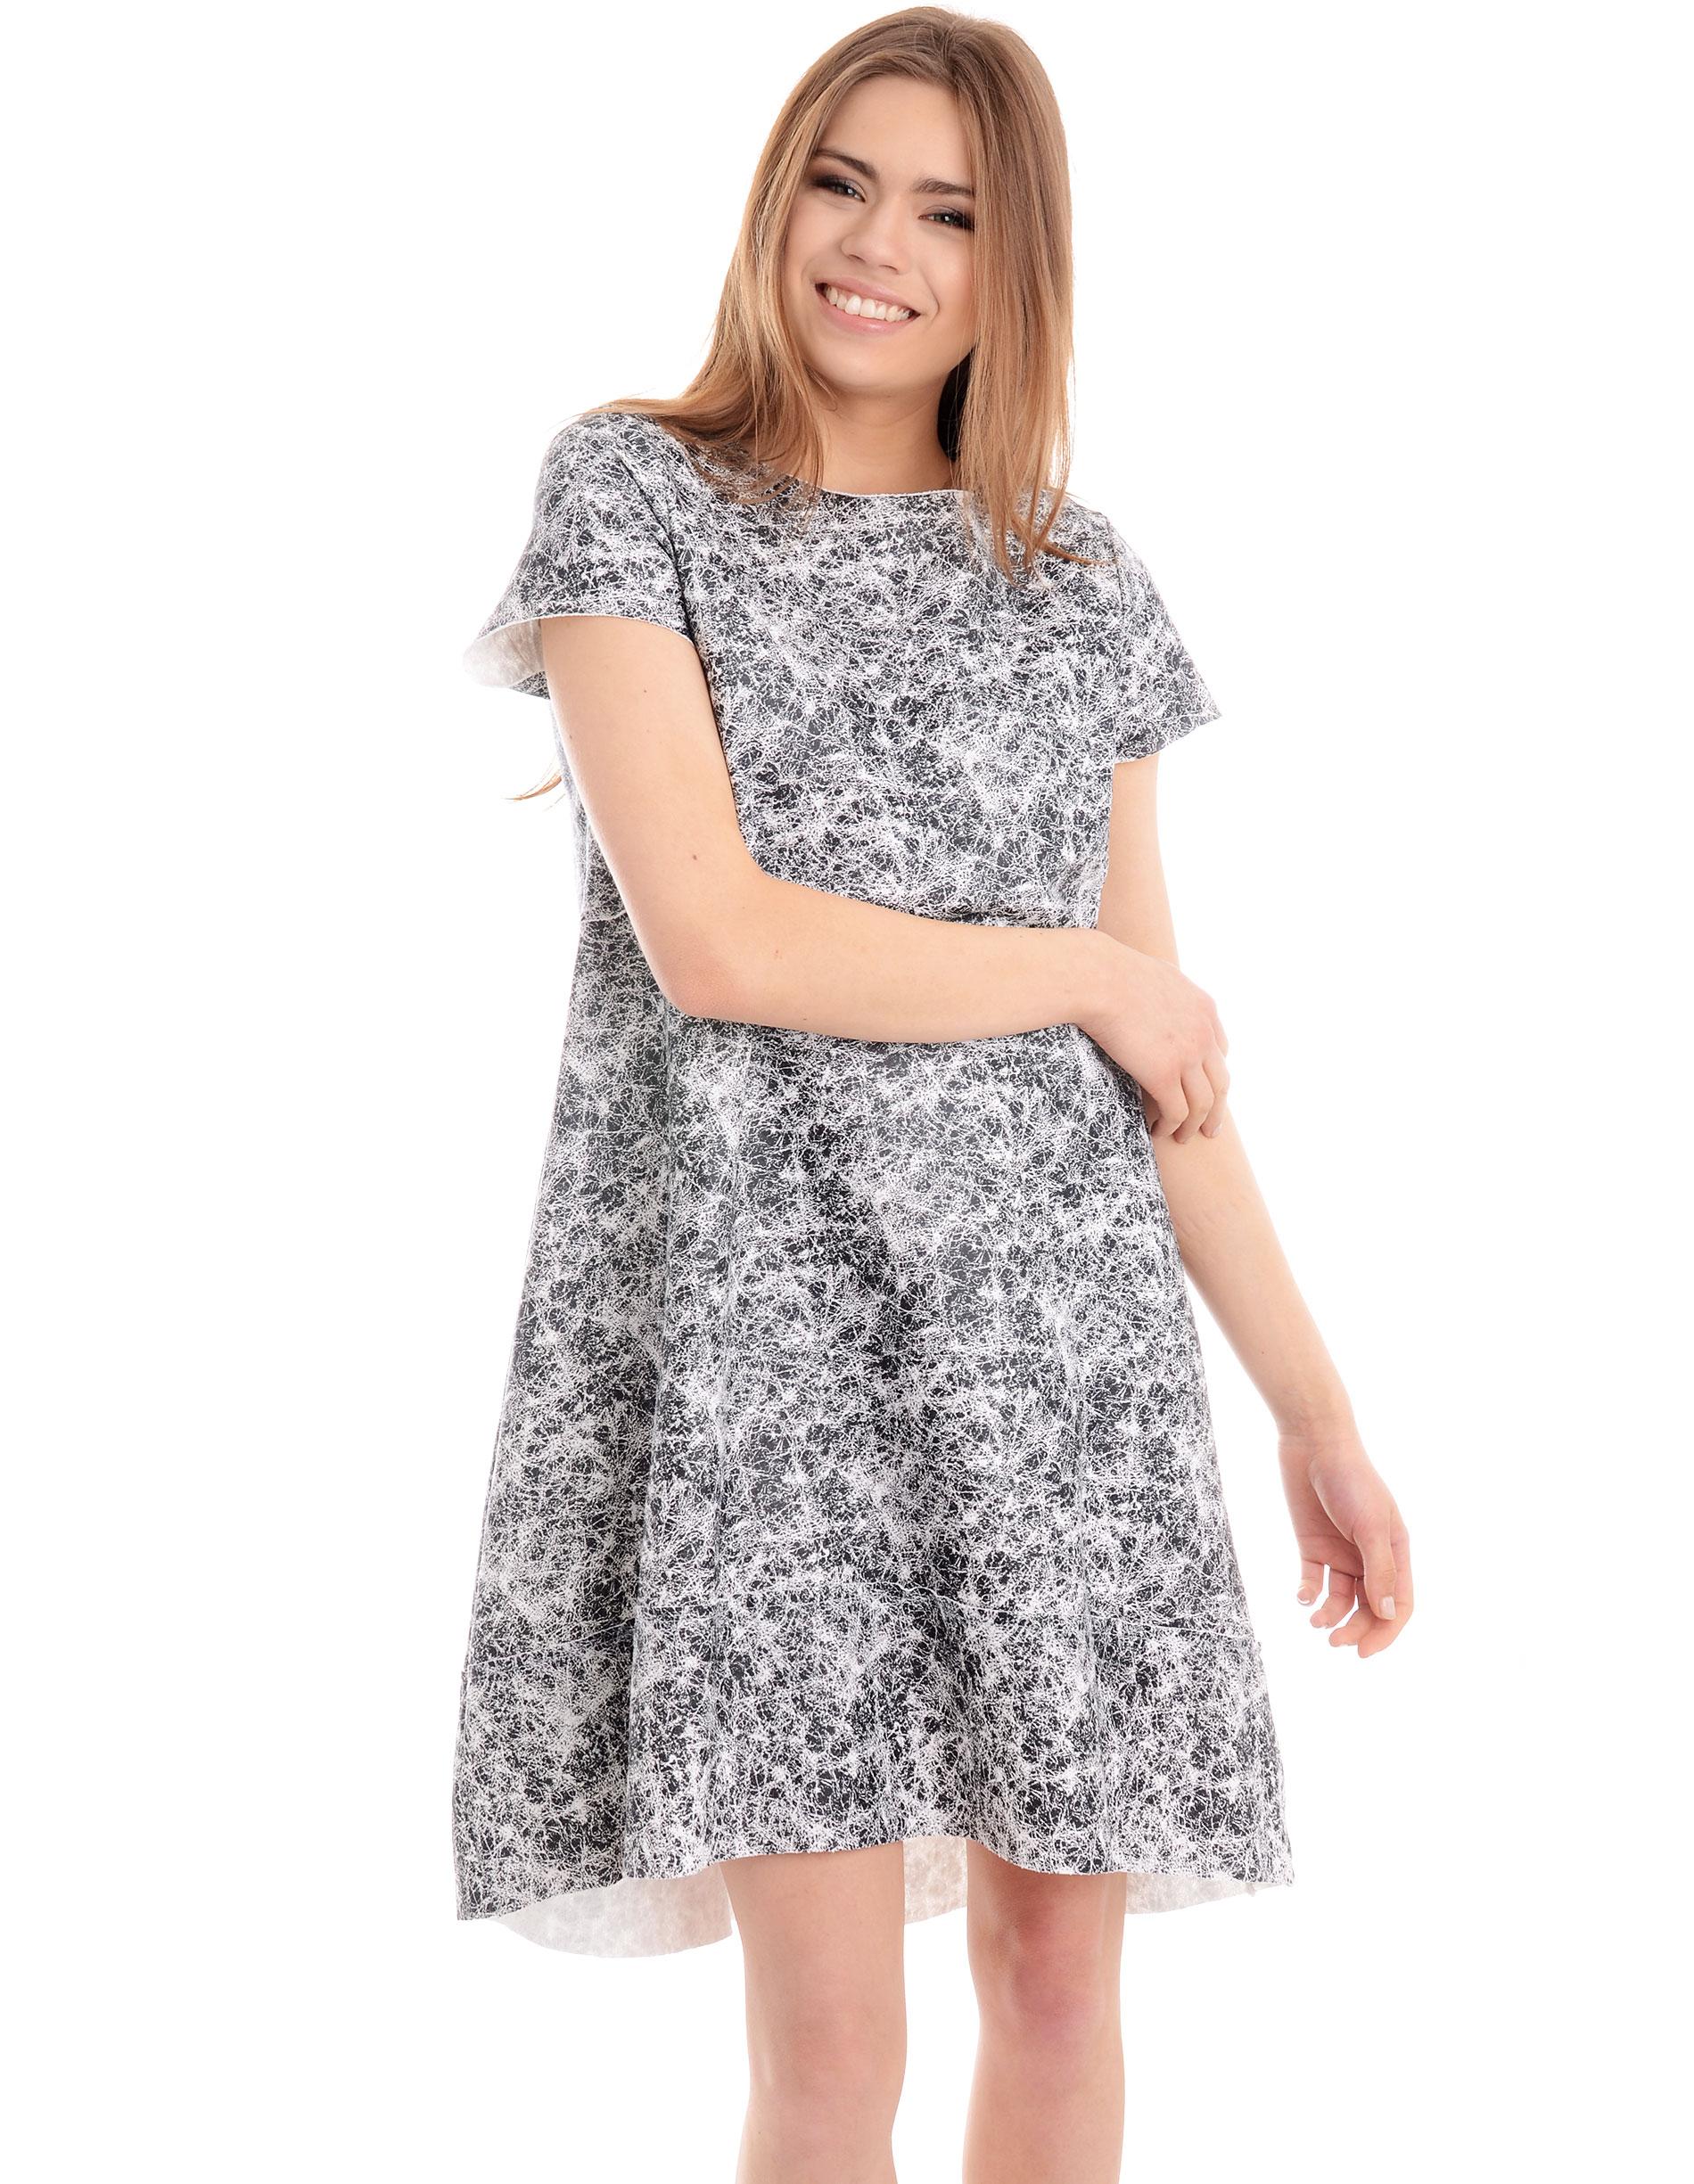 Sukienka - 90-327 BIANCO - Unisono